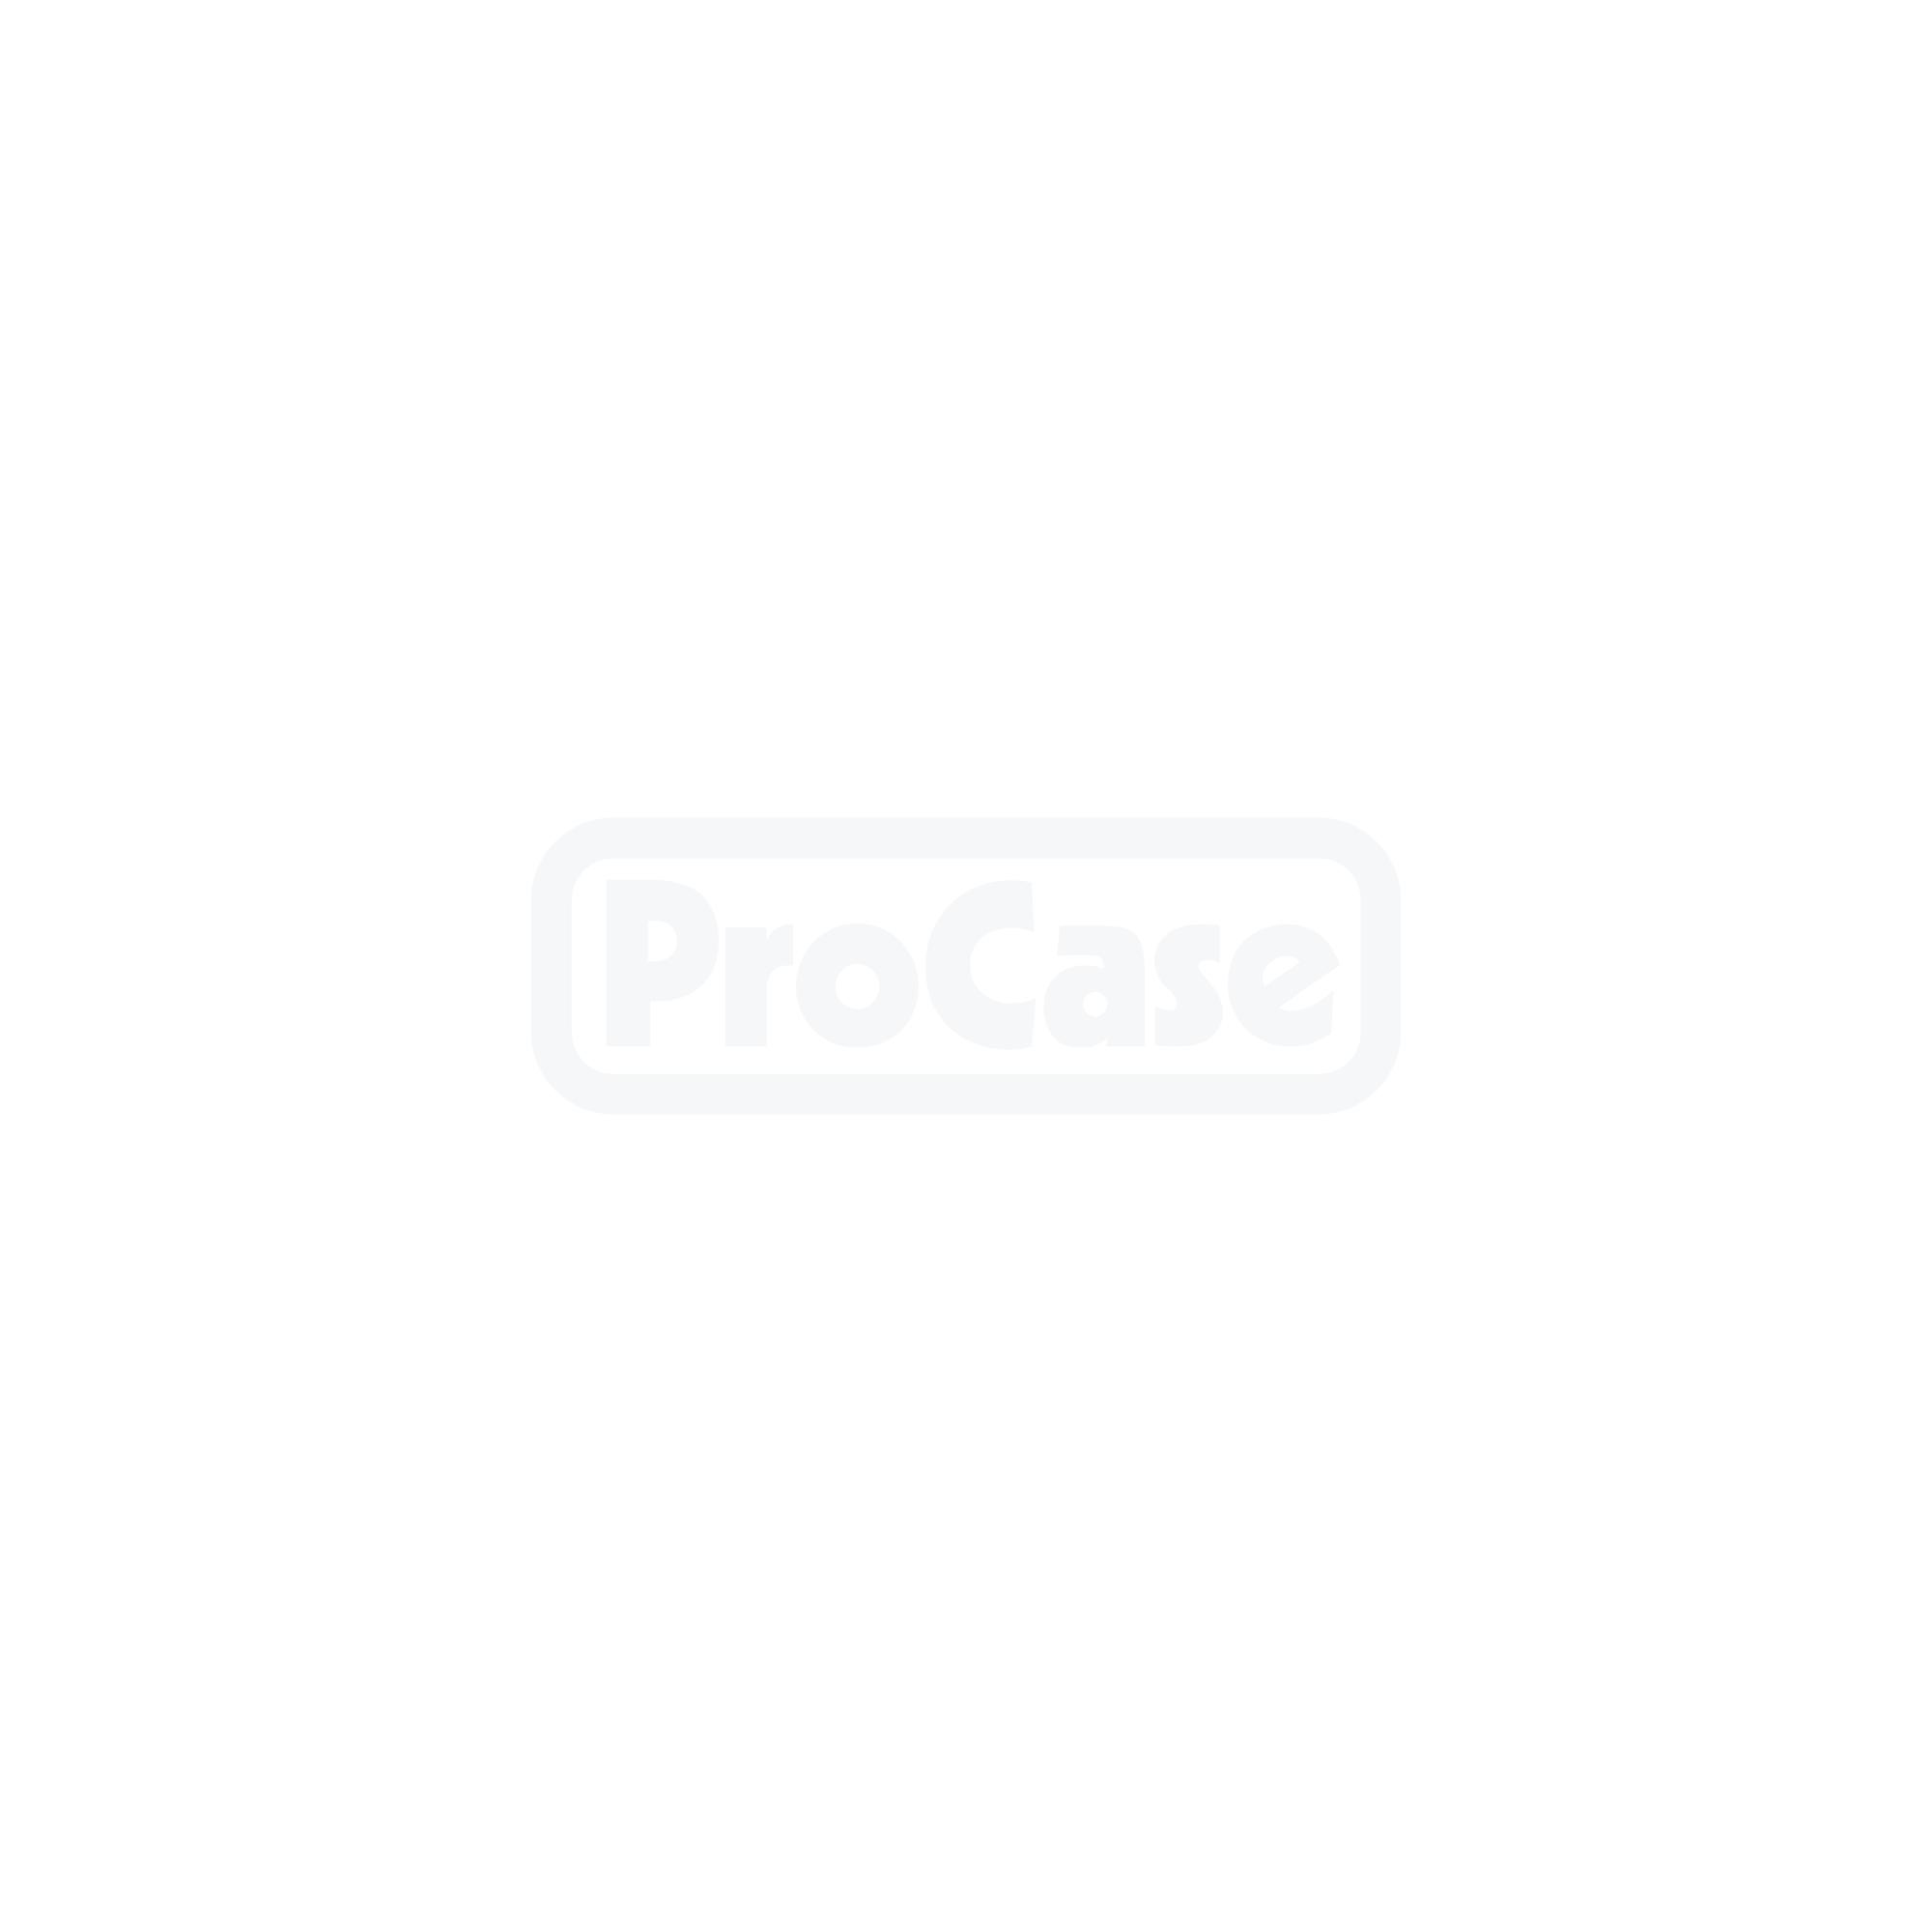 Mobiles Handwaschcase 5